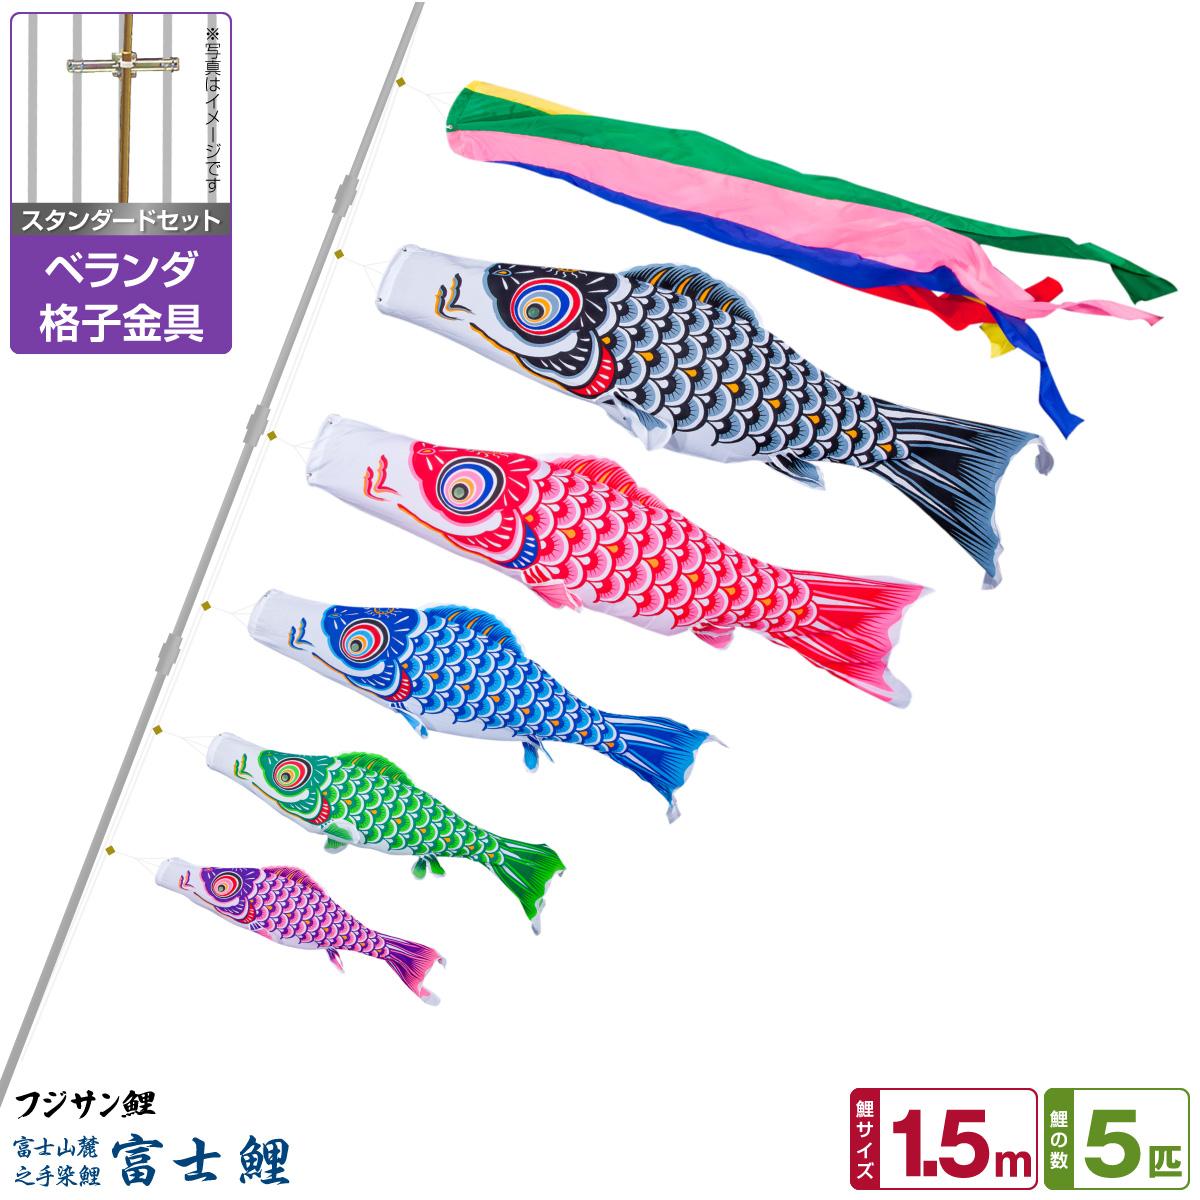 ベランダ用 こいのぼり 鯉のぼり フジサン鯉 富士鯉 1.5m 8点(吹流し+鯉5匹+矢車+ロープ)/スタンダードセット(格子金具)